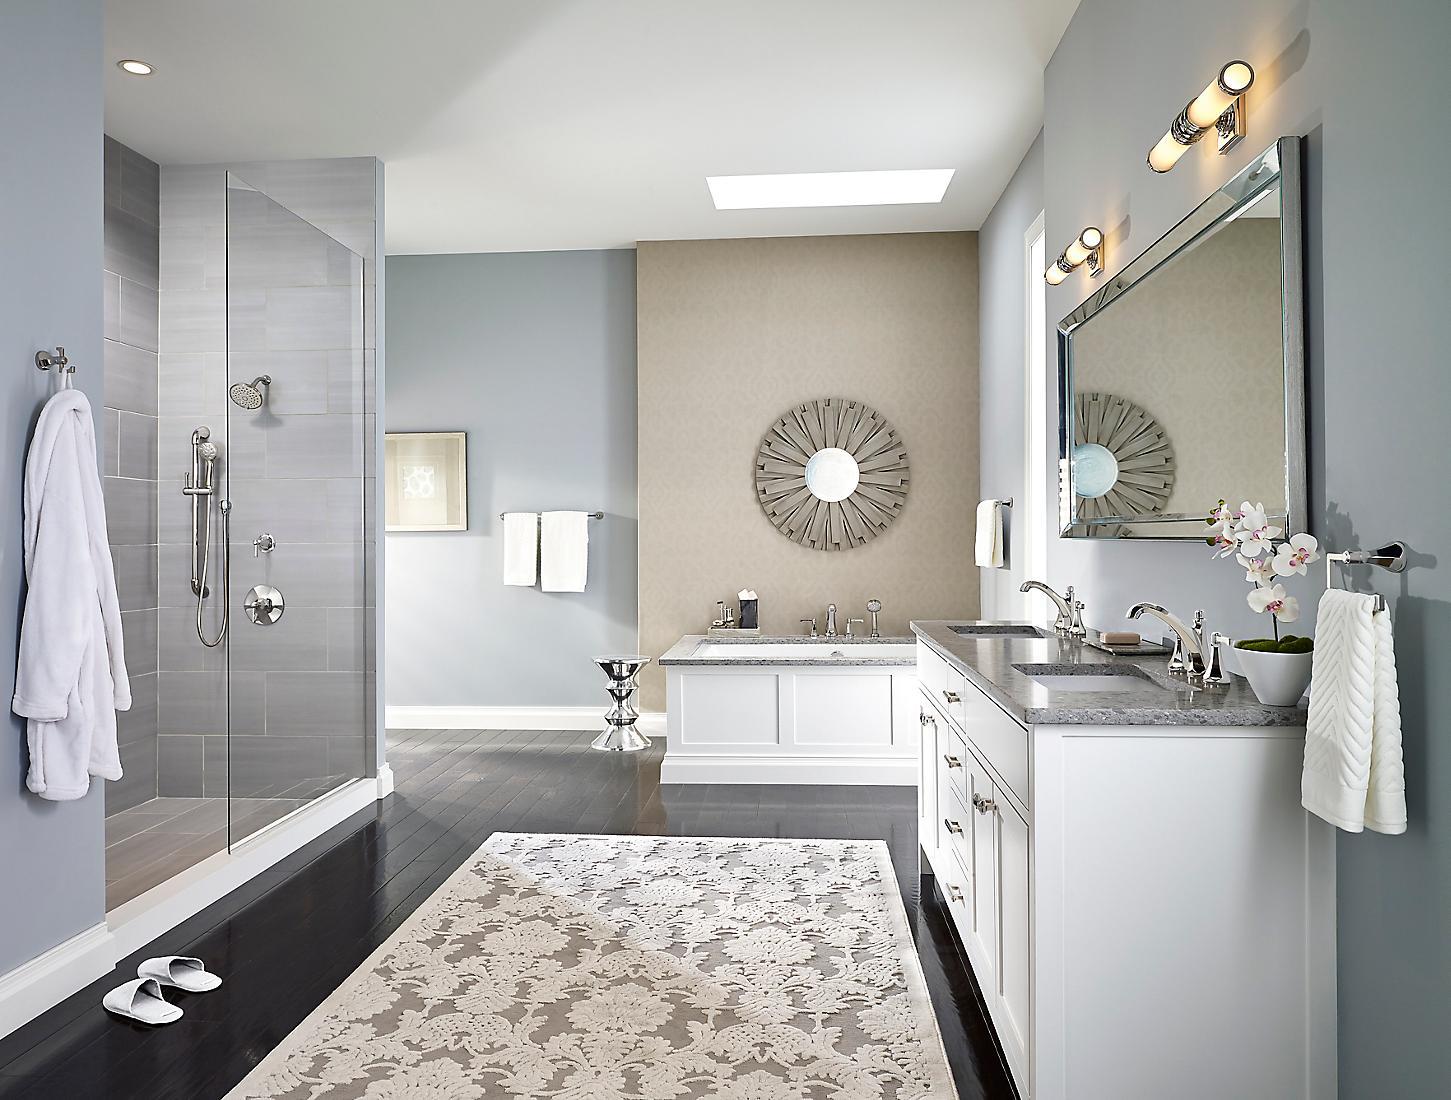 Arterra Bath Collection